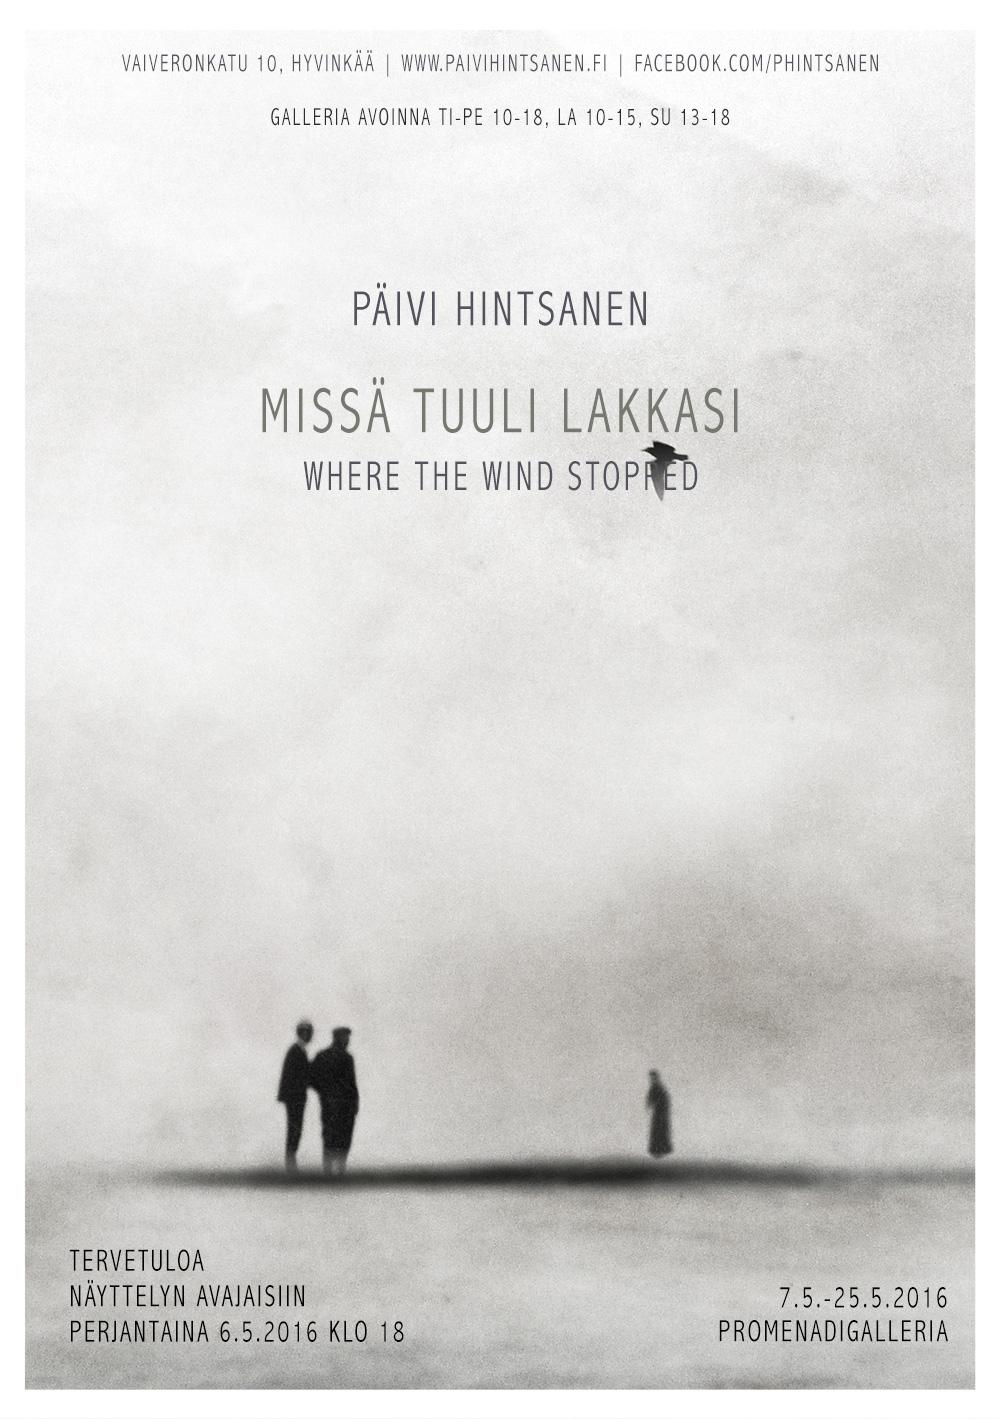 Missä tuuli lakkasi, 7.-25.5.2016 Promenadigalleria, Hyvinkää